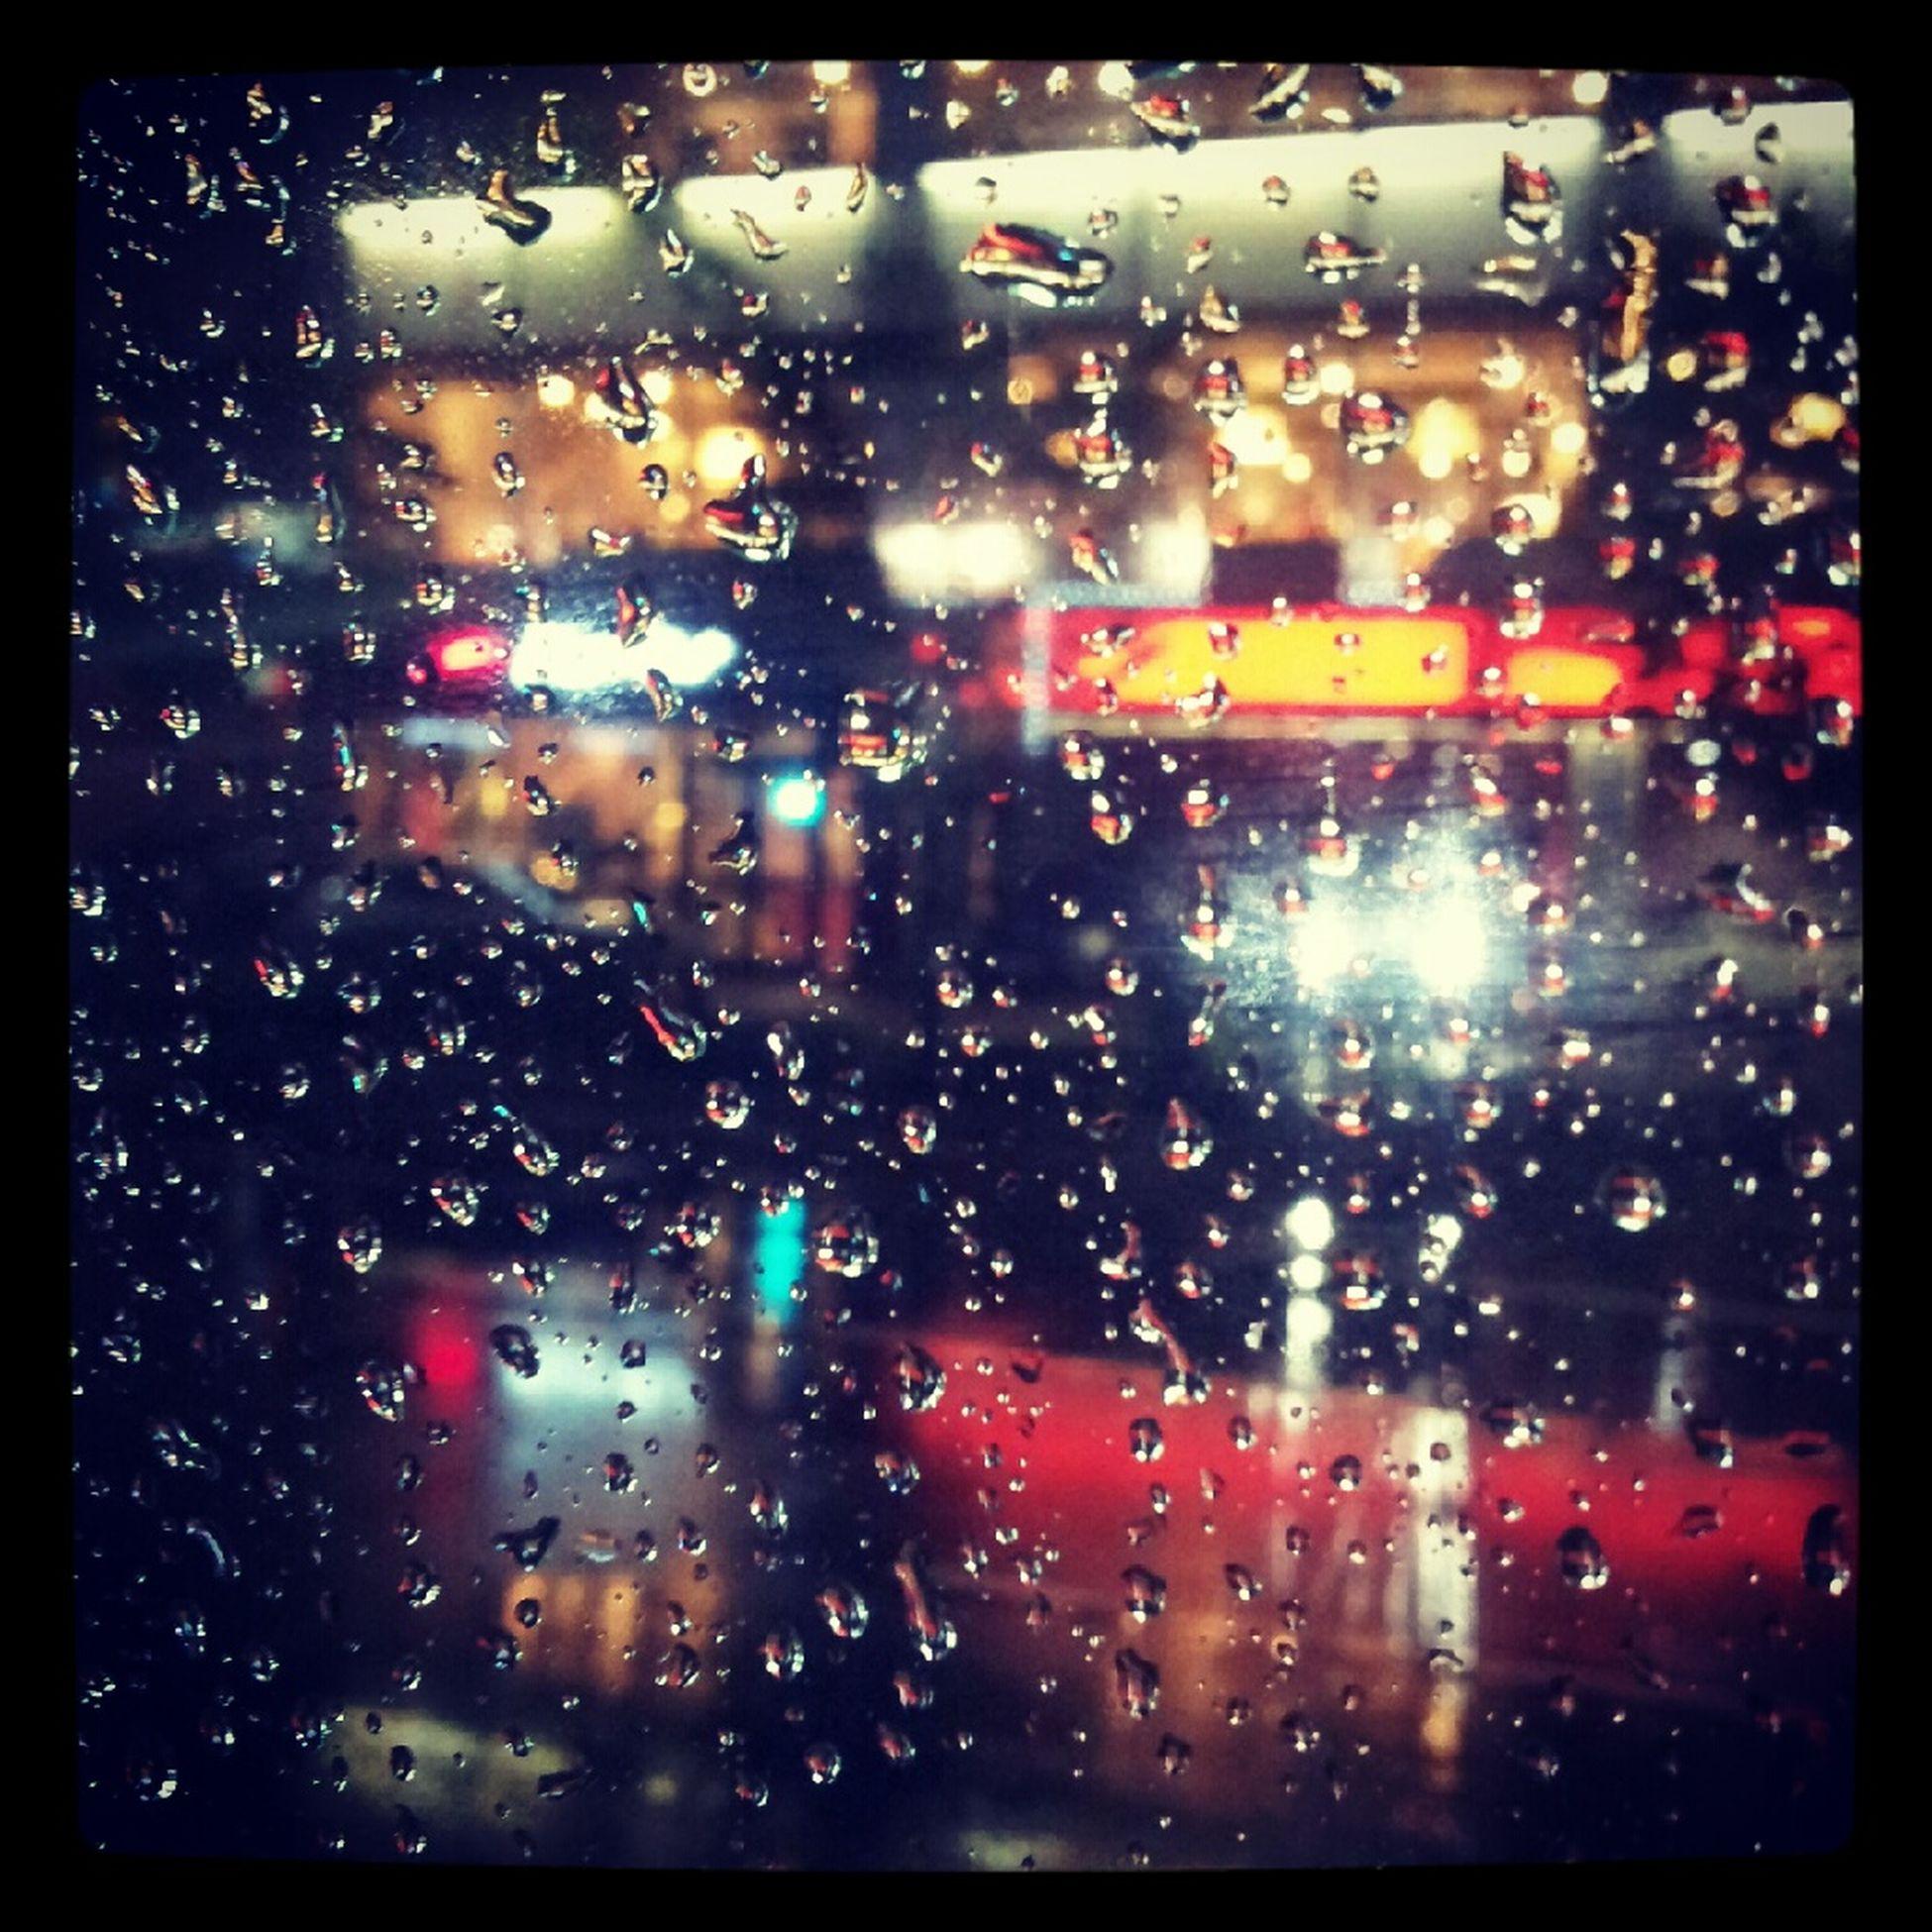 비가오는구나. . . ;;